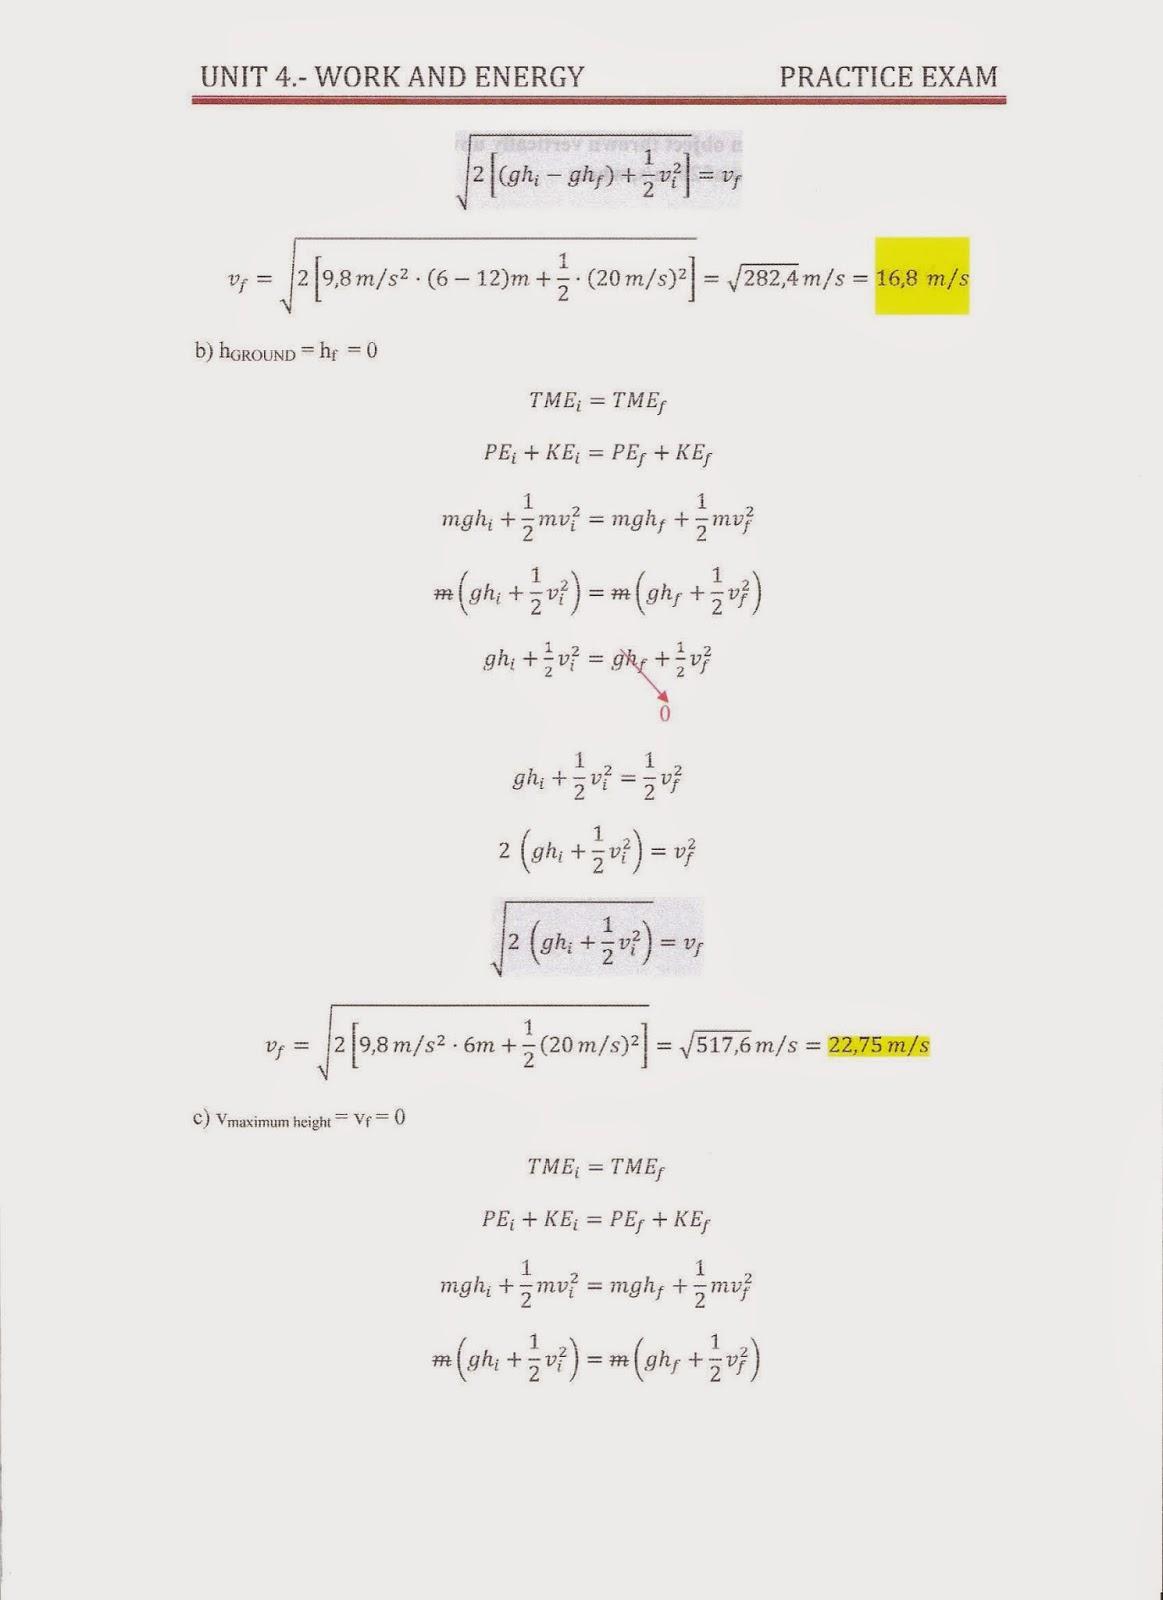 FísicaQuímicaMateTICymás: 4th ESO C: PRACTICE EXAM UNIT 4